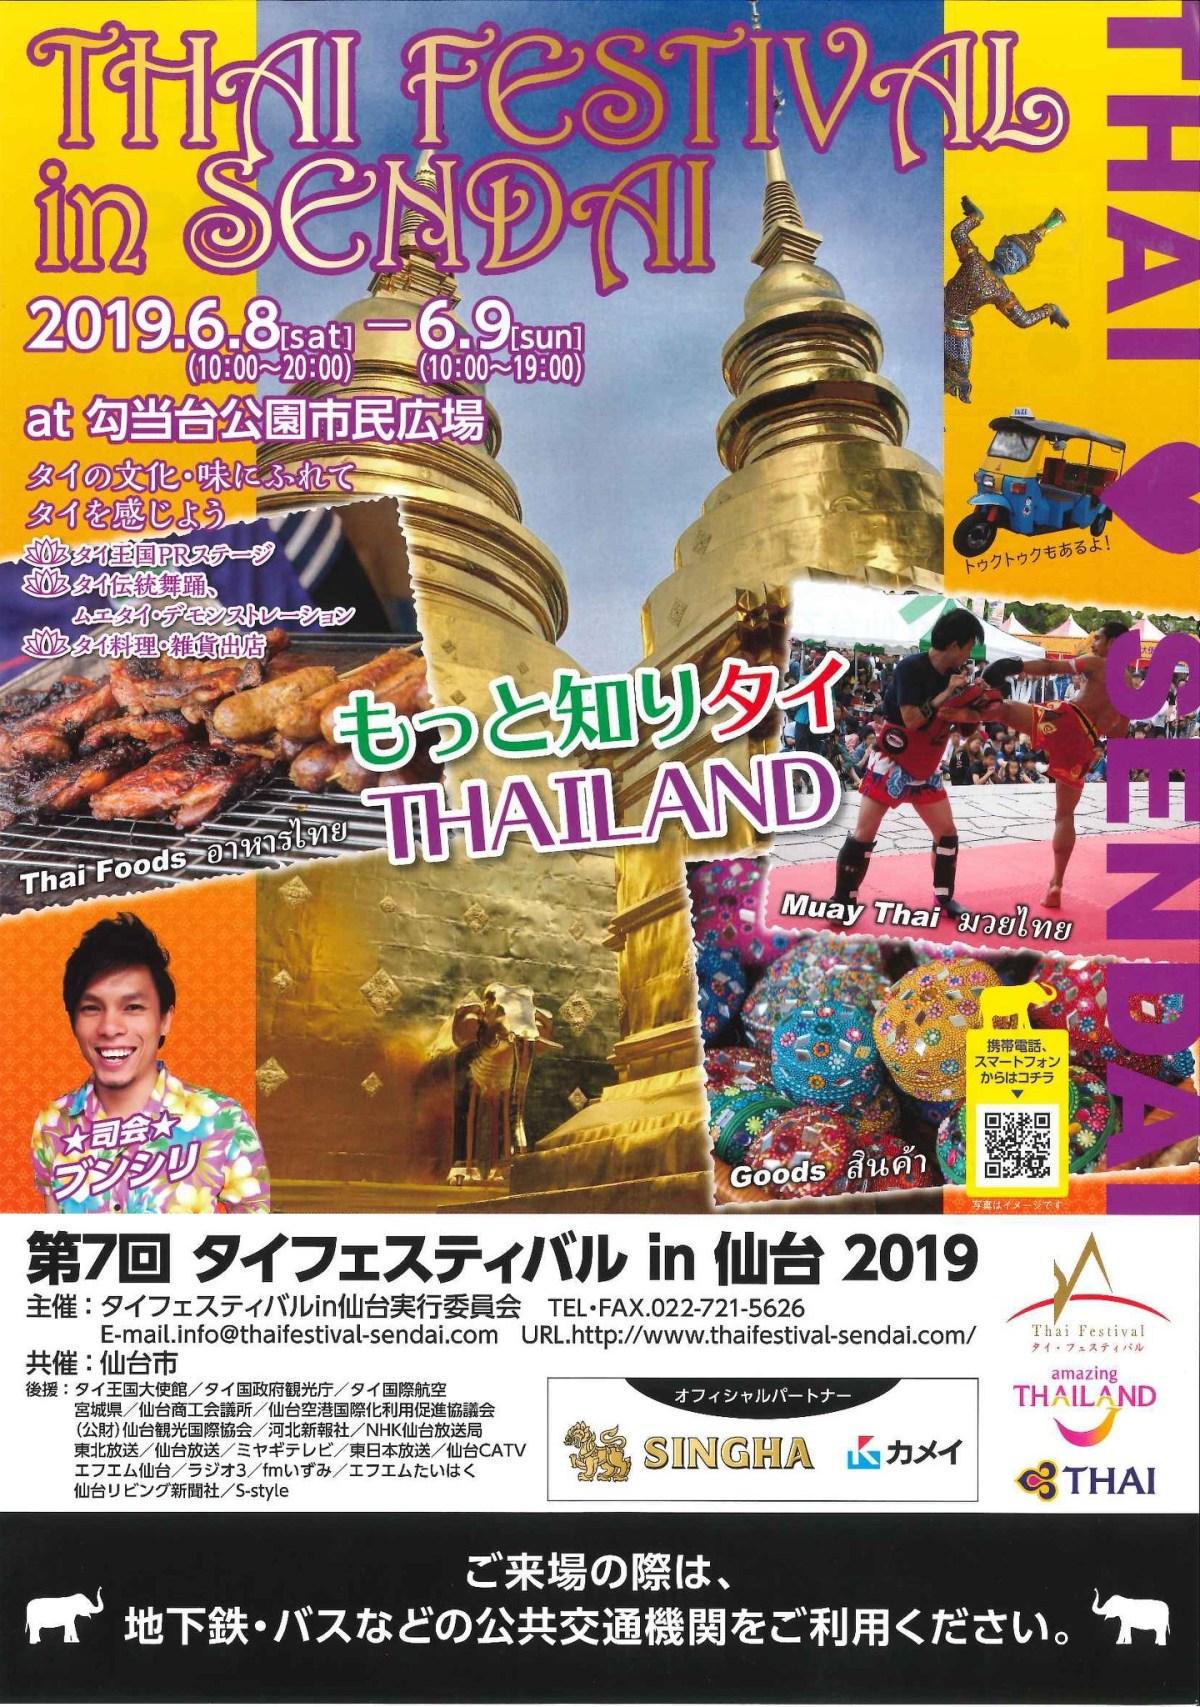 もっと知りタイ!Thailand!第7回タイフェスティバルin仙台2019